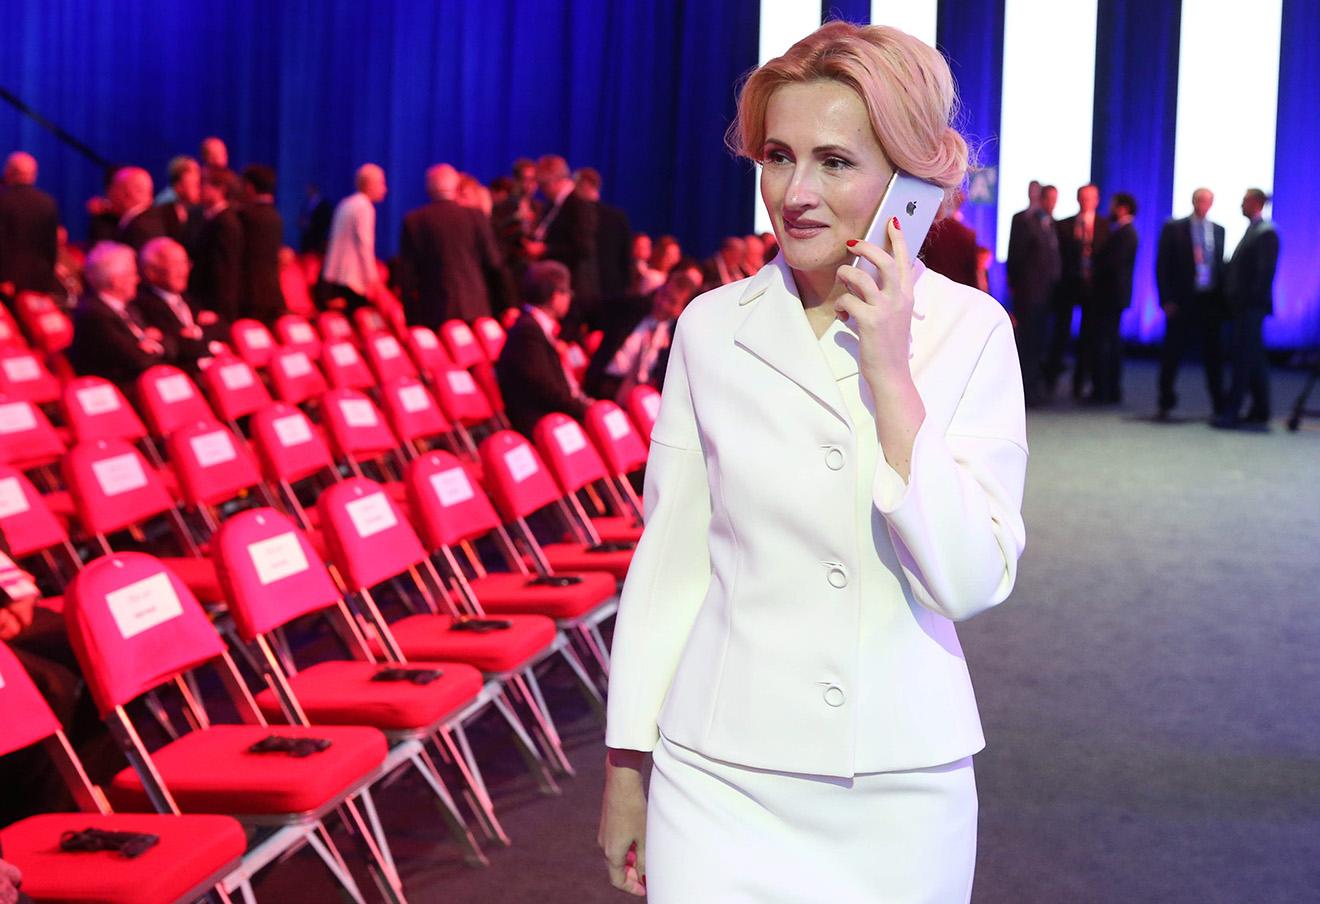 Ирина Яровая. Фото: Артем Коротаев / фотохост-агентство ТАСС